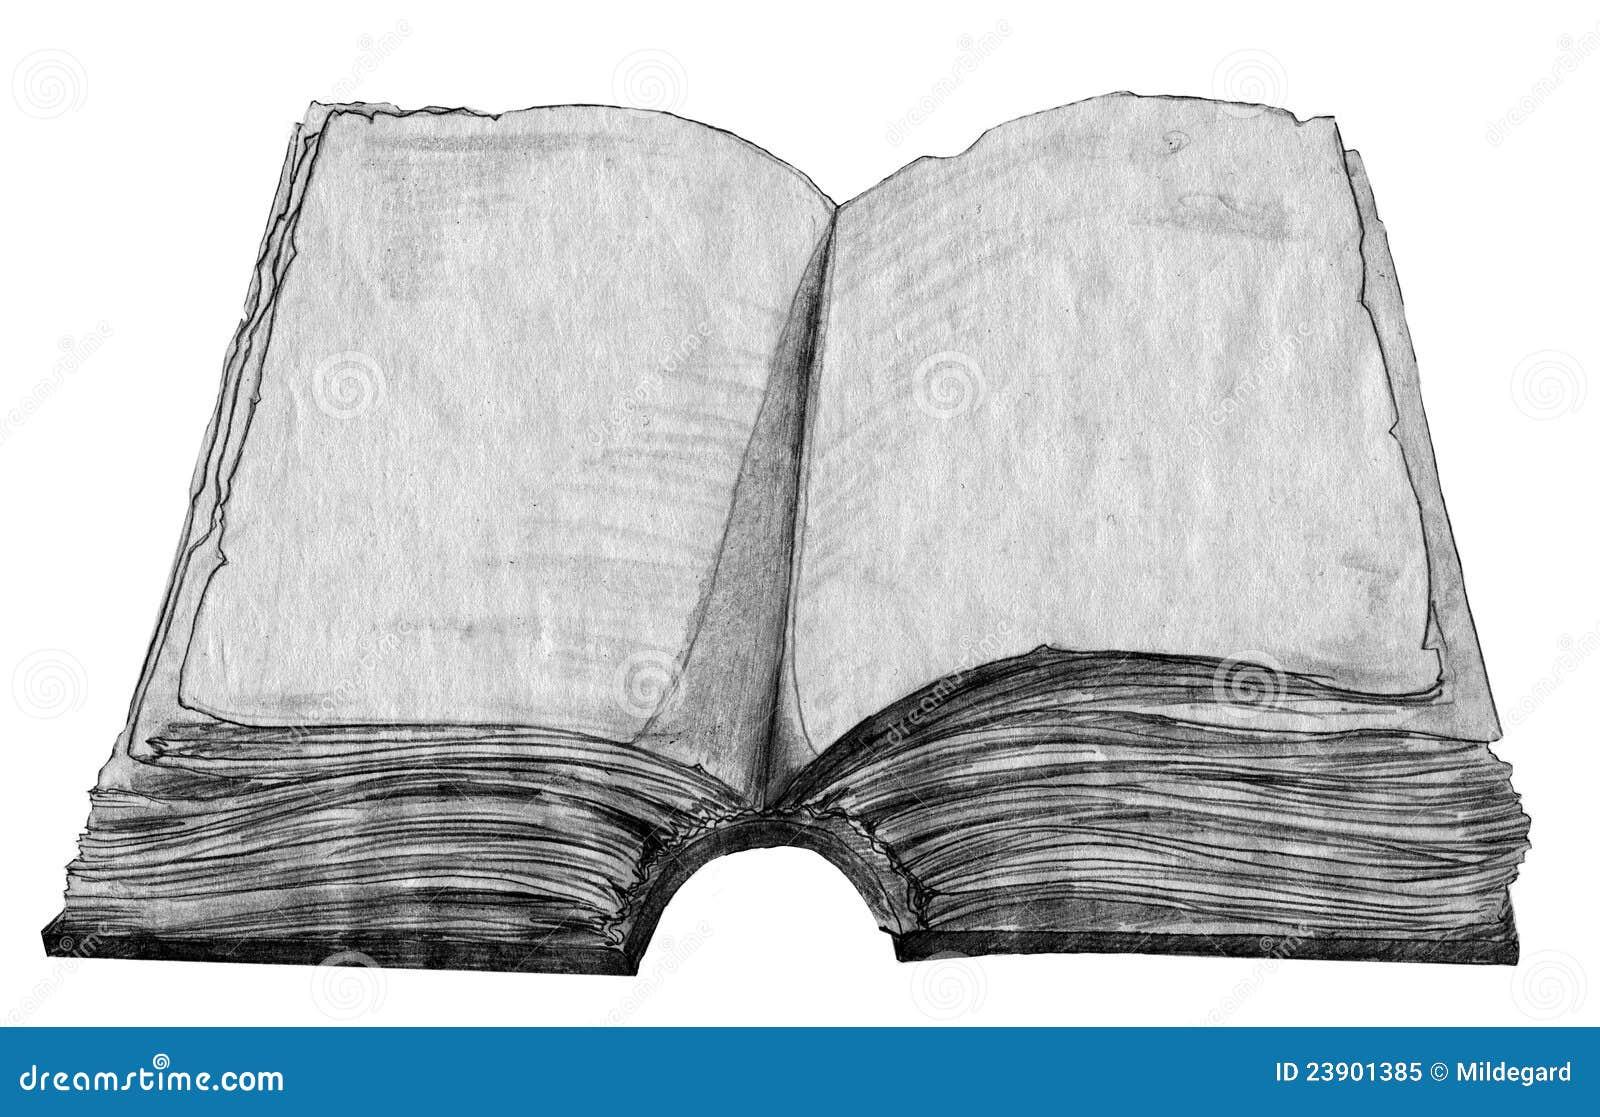 Wertermittlung für antiquarische Bücher - Bücher